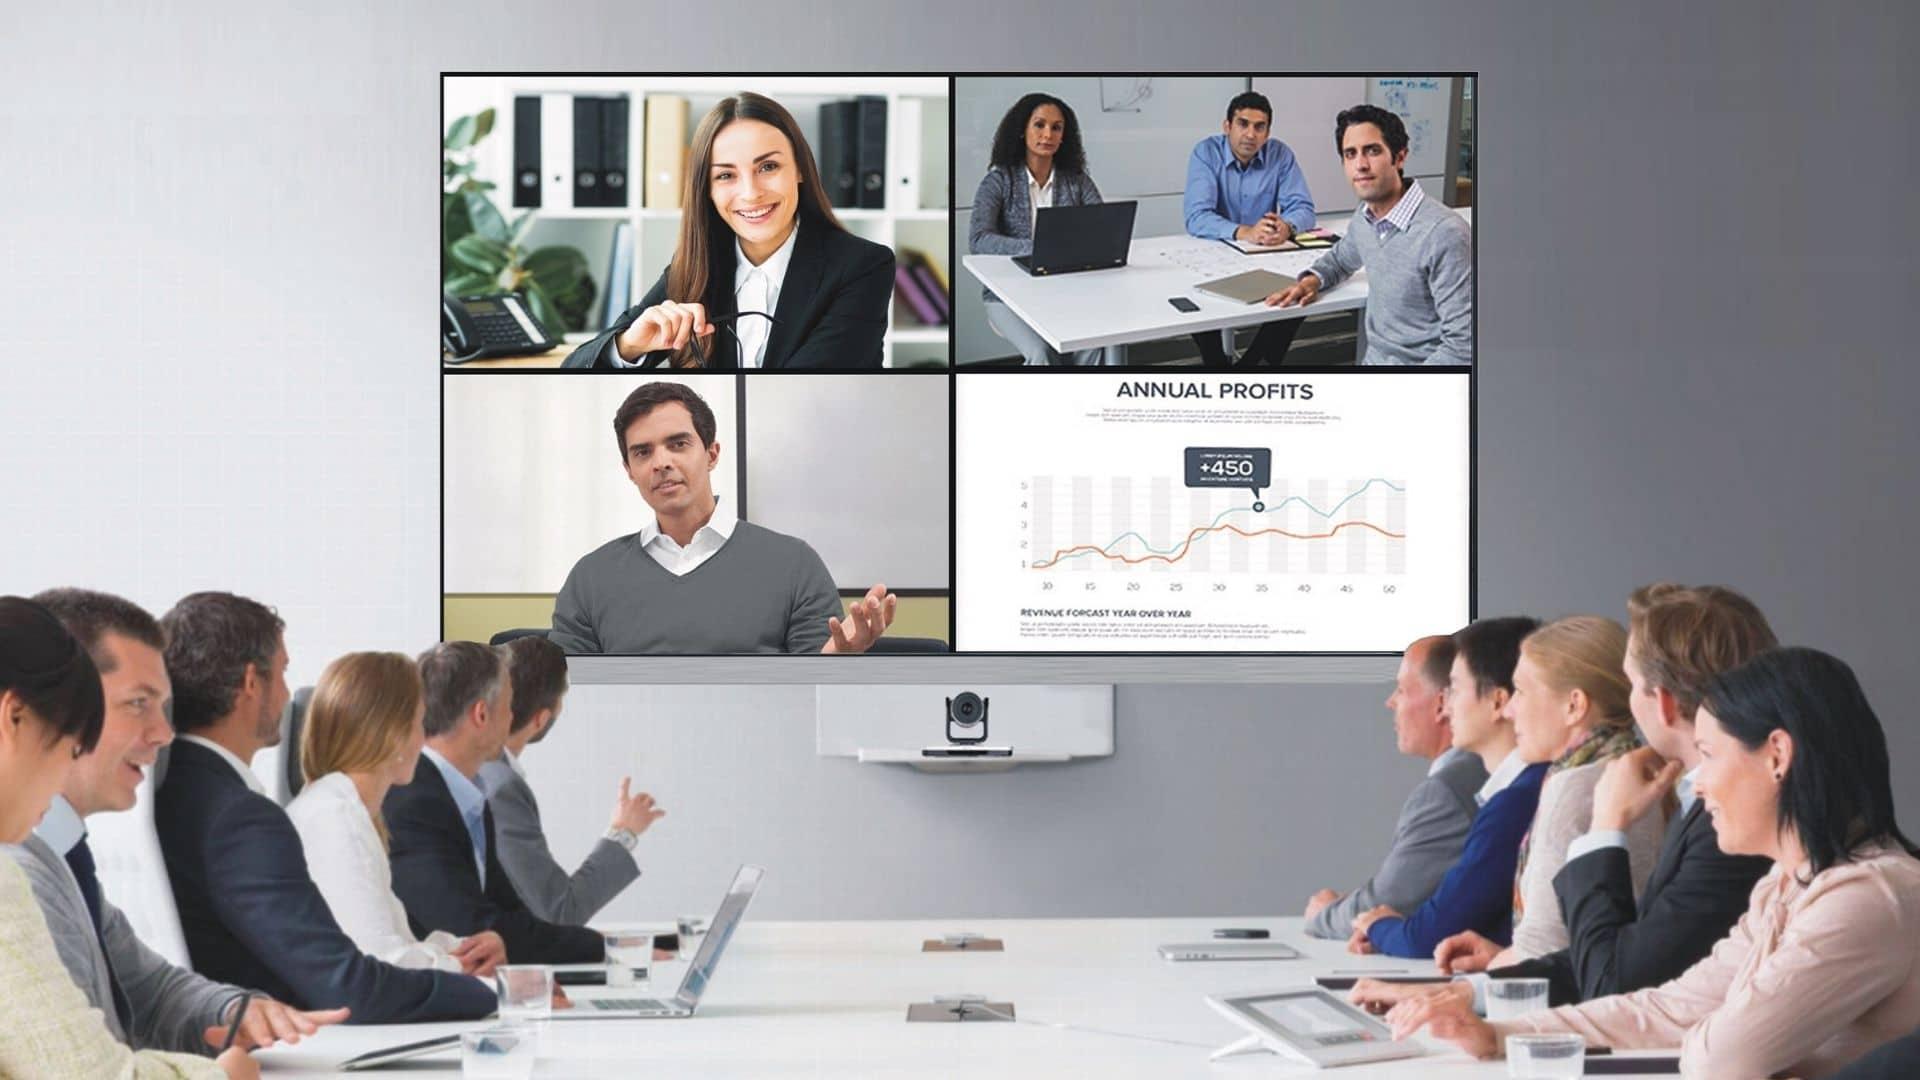 Videokonferenz-Lösungen, Medientechnik und Medienmöbel, alles aus einer Hand von conference-tv.de